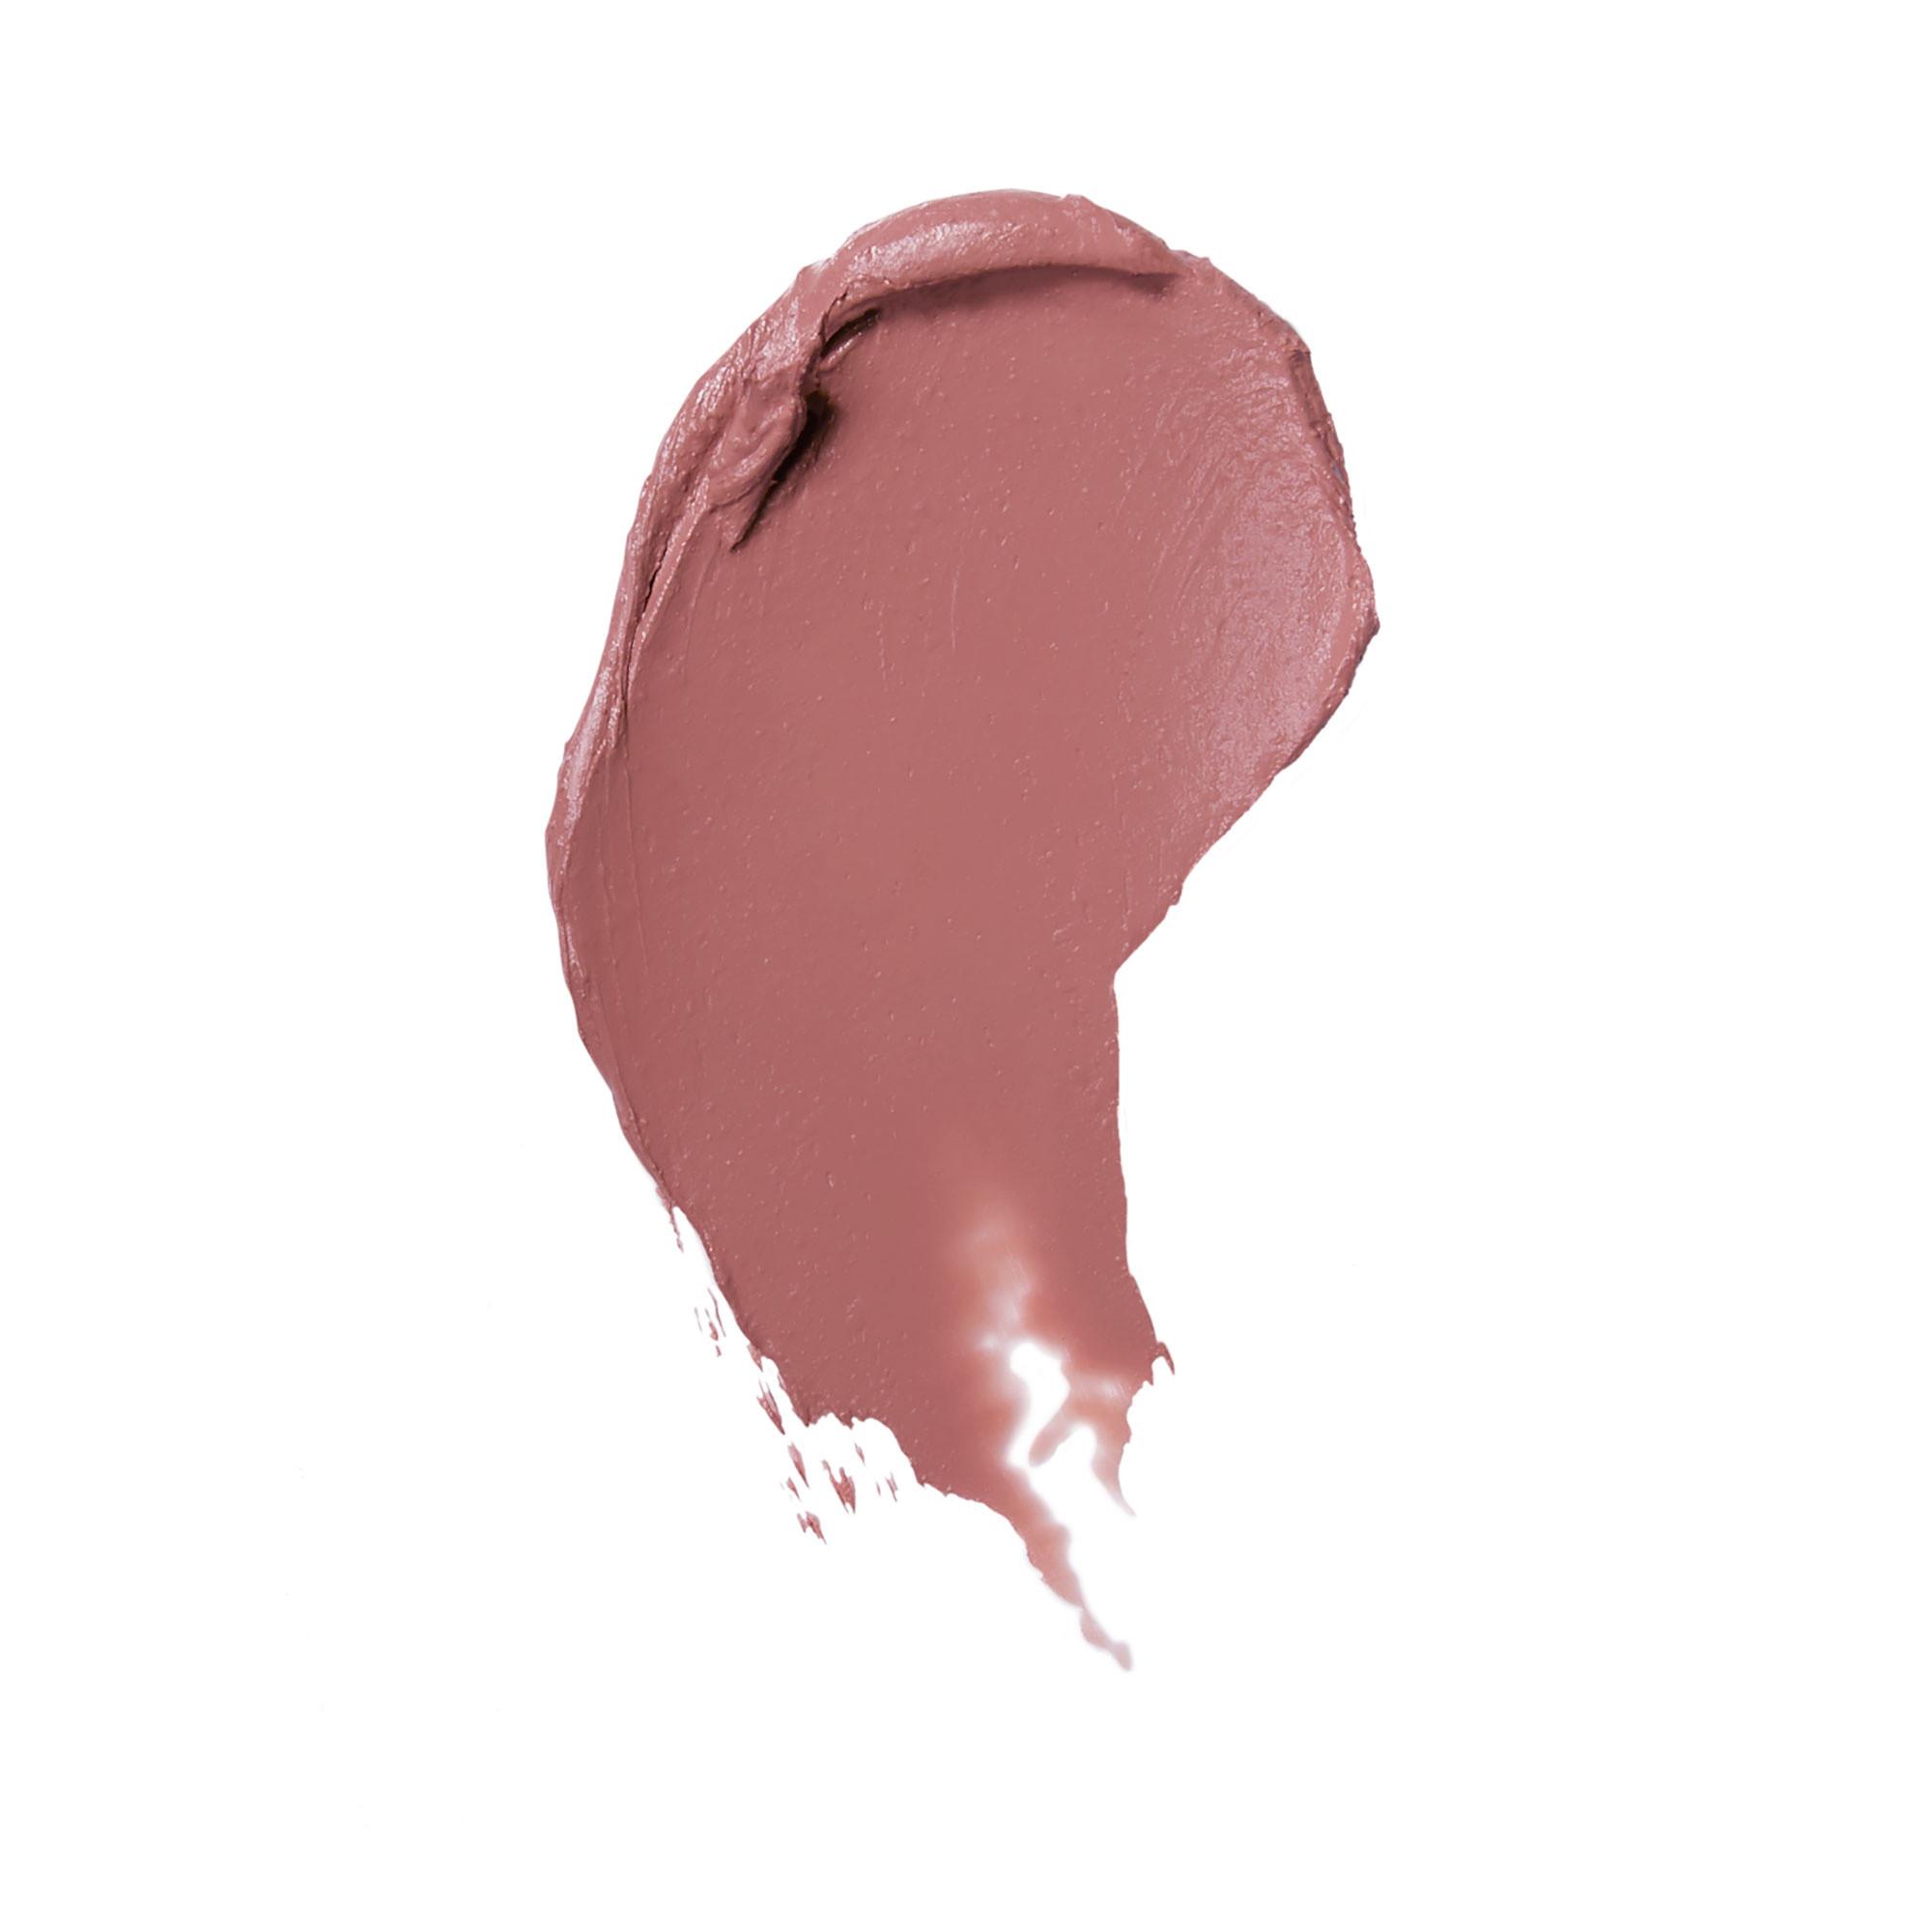 Estée Lauder pure color envy matte lipstick - 547 wilder  3,5 g, 547 WILDER, large image number 1